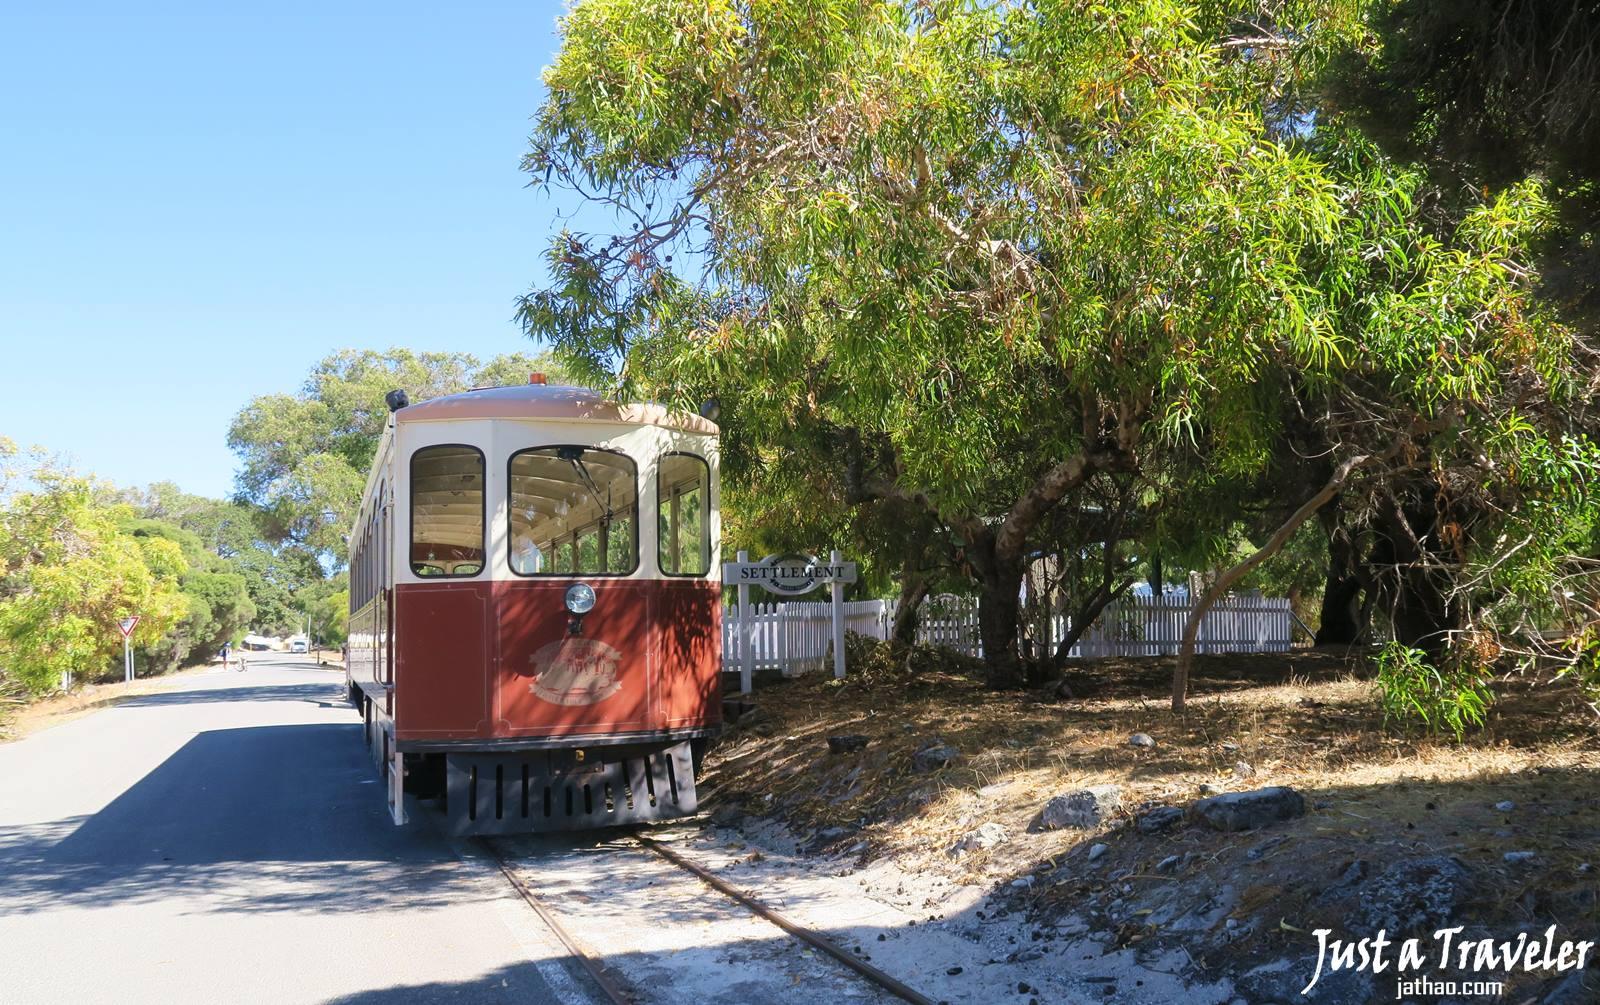 澳洲-西澳-伯斯-景點-羅特尼斯島-Rottnest Island-火車-時刻表-路線-推薦-自由行-交通-旅遊-遊記-攻略-行程-一日遊-二日遊-必玩-必遊-Perth